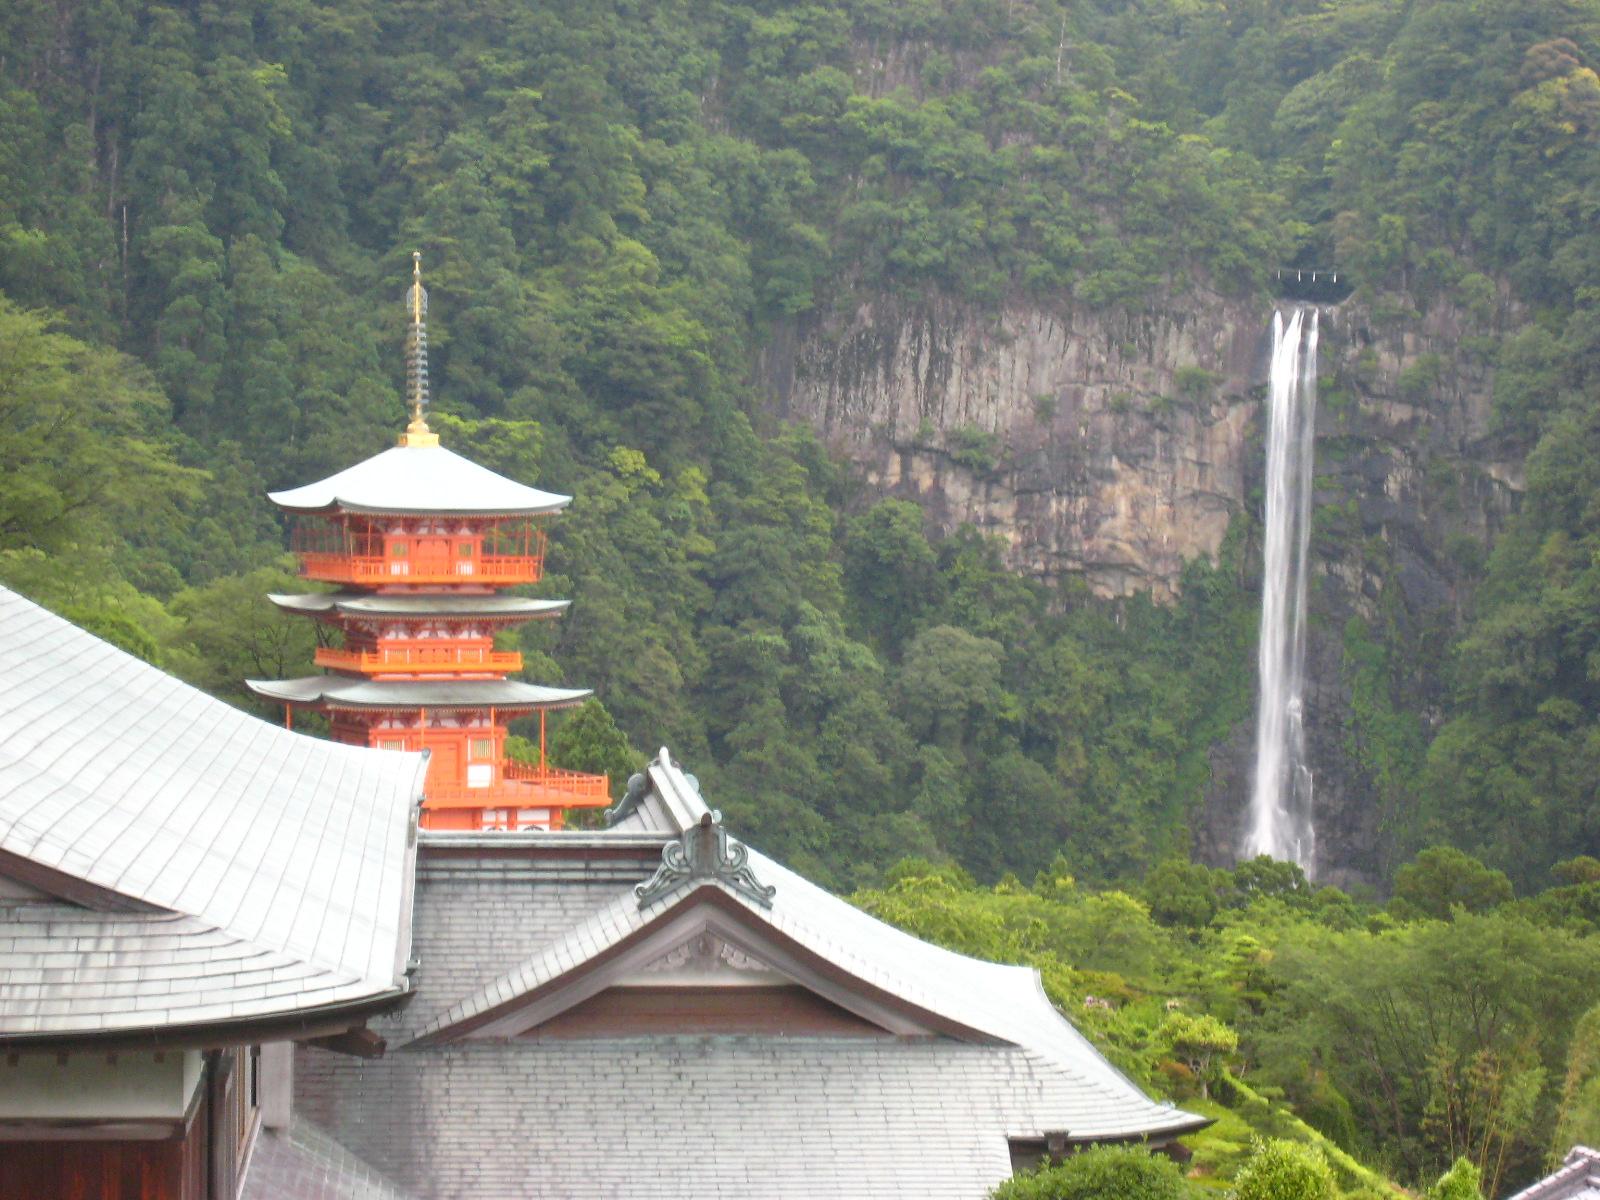 【西国巡礼】Day2-1.那智大滝と三重塔のコラボが美しい♪第1番札所「青岸渡寺」の御朱印